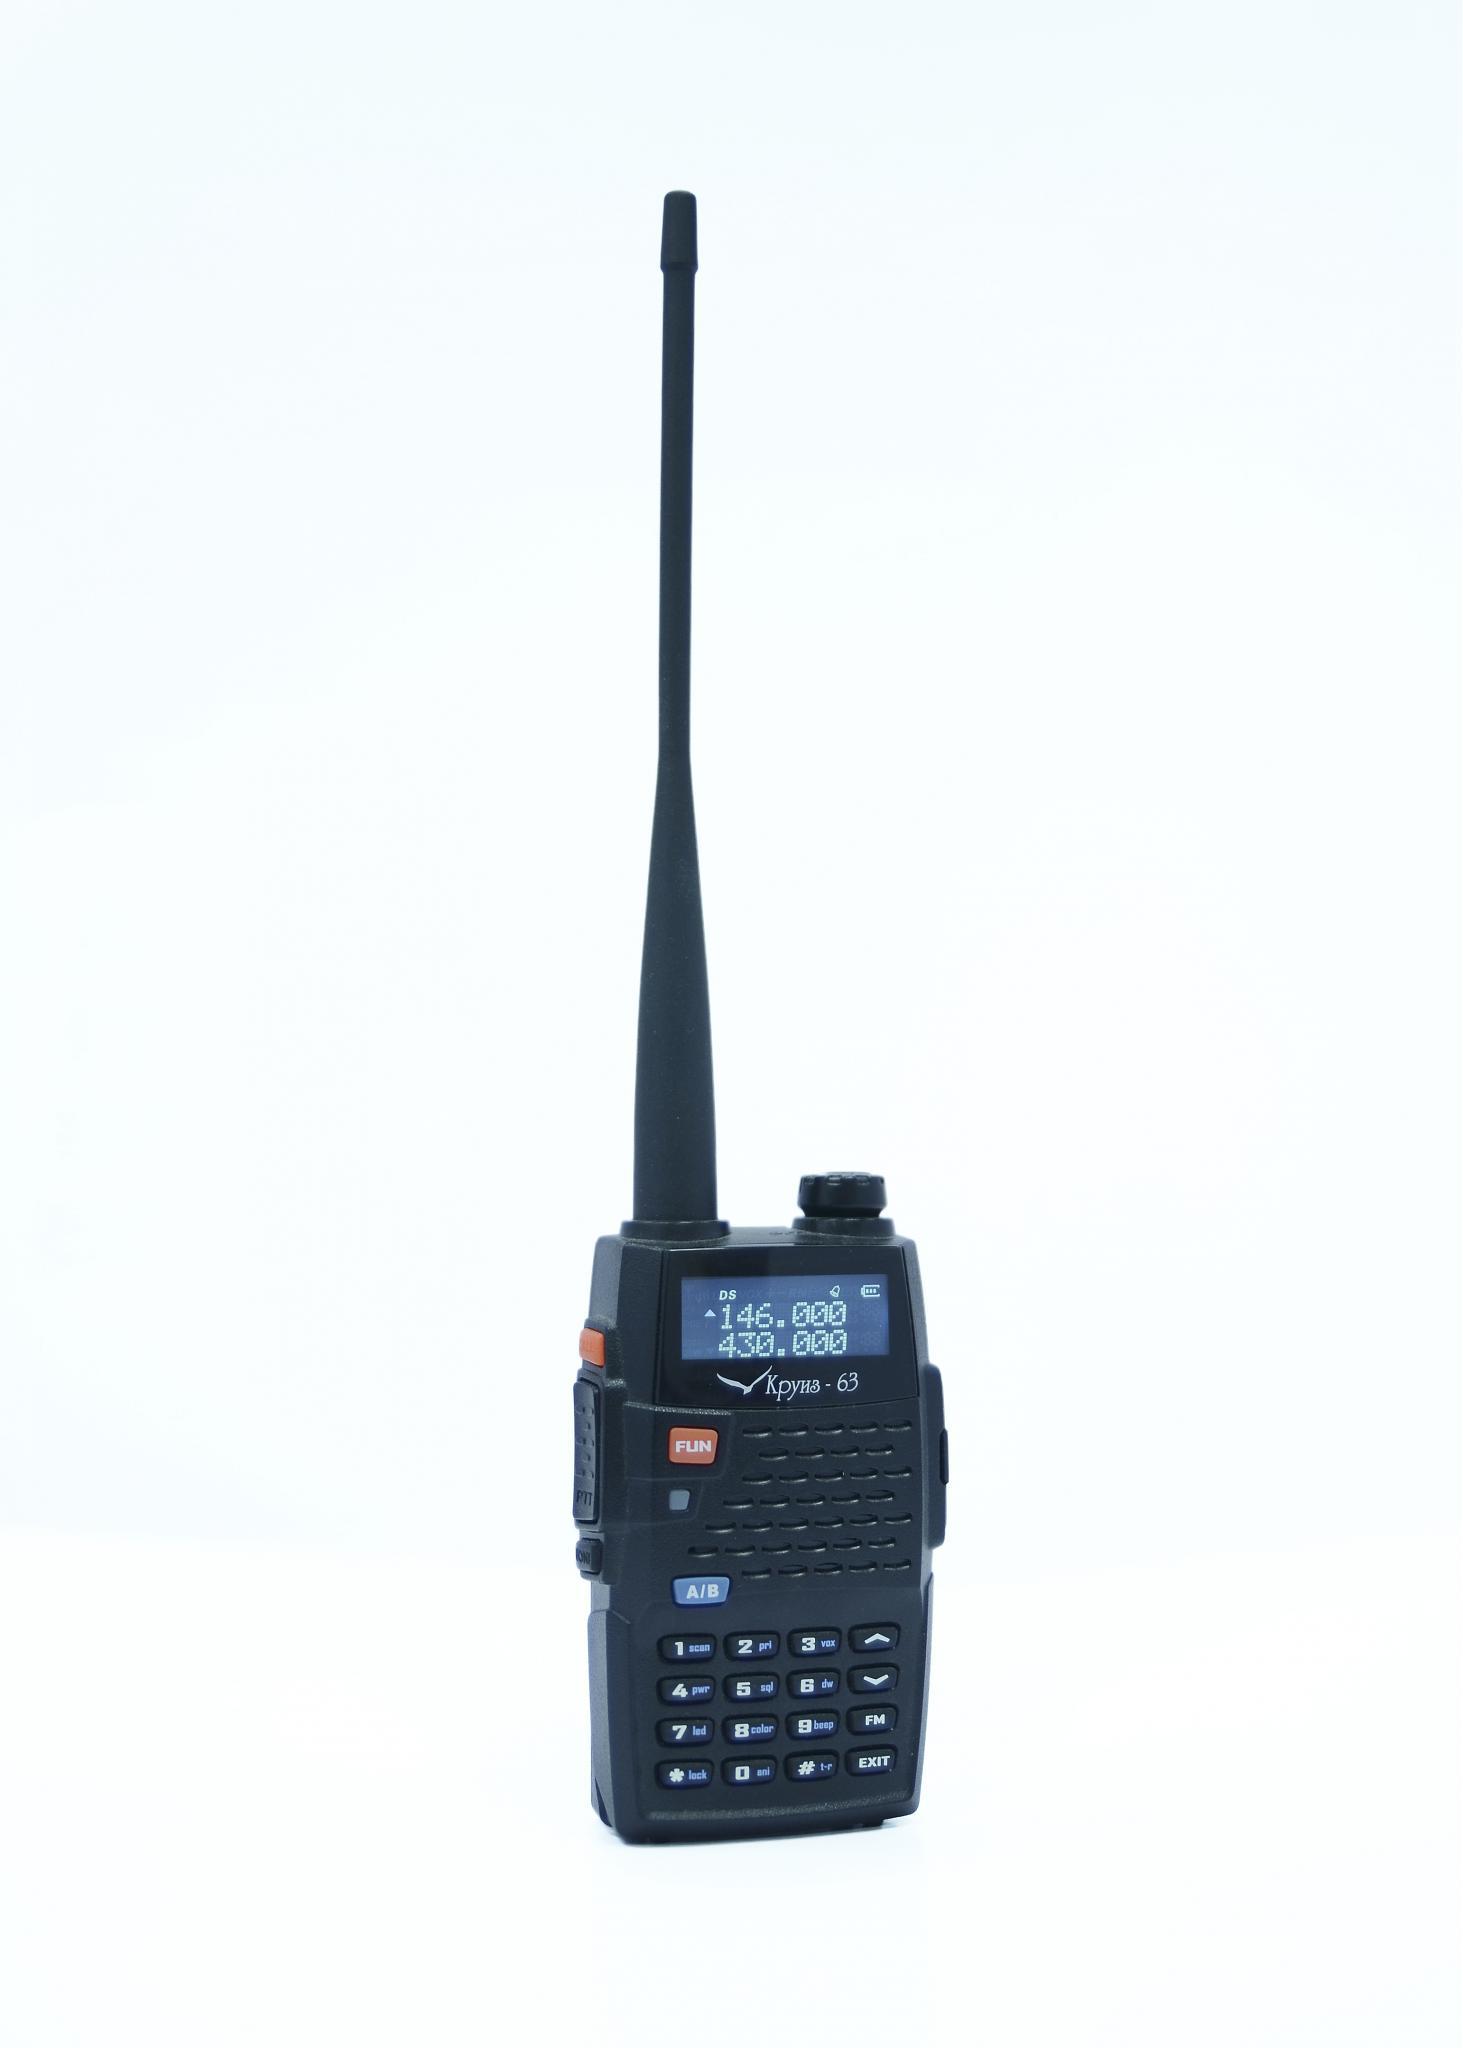 радиостанция megajet cb transceiver mj 700 инструкция